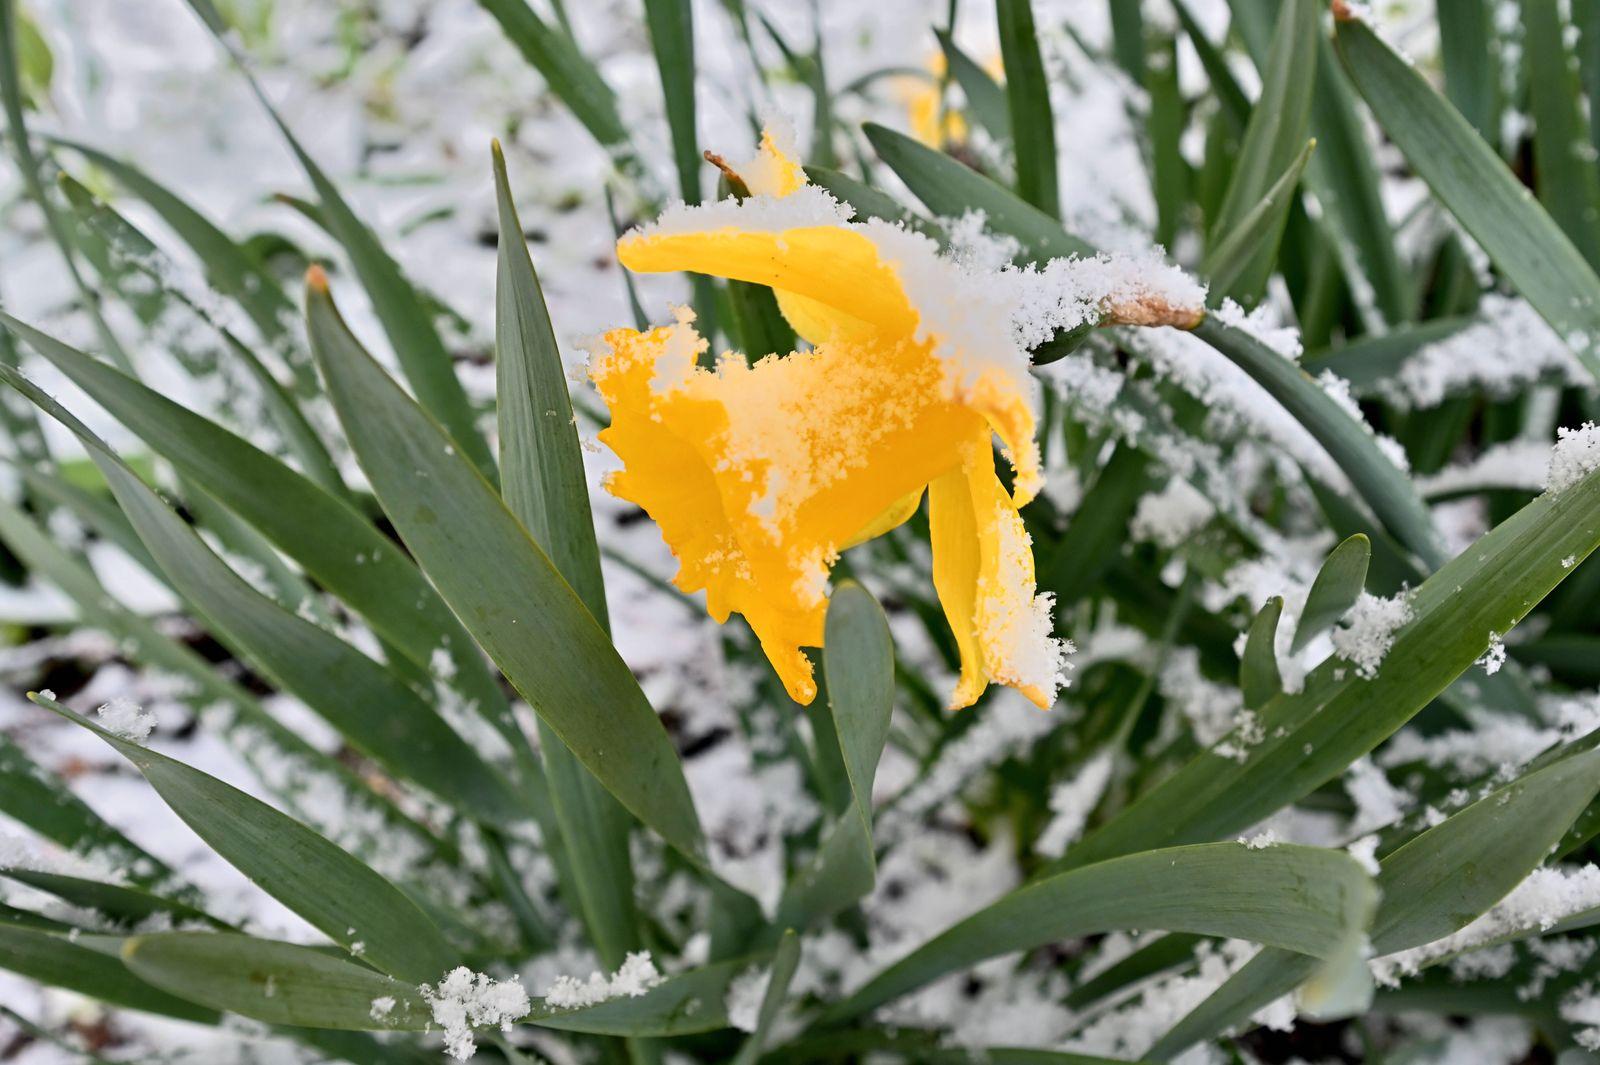 Plötzlicher Wintereinbruch im Frühjahr. Gelbe Narzissen mit unerwartetem Schnee im Frühling. Siegsdorf Bayern Deutschlan